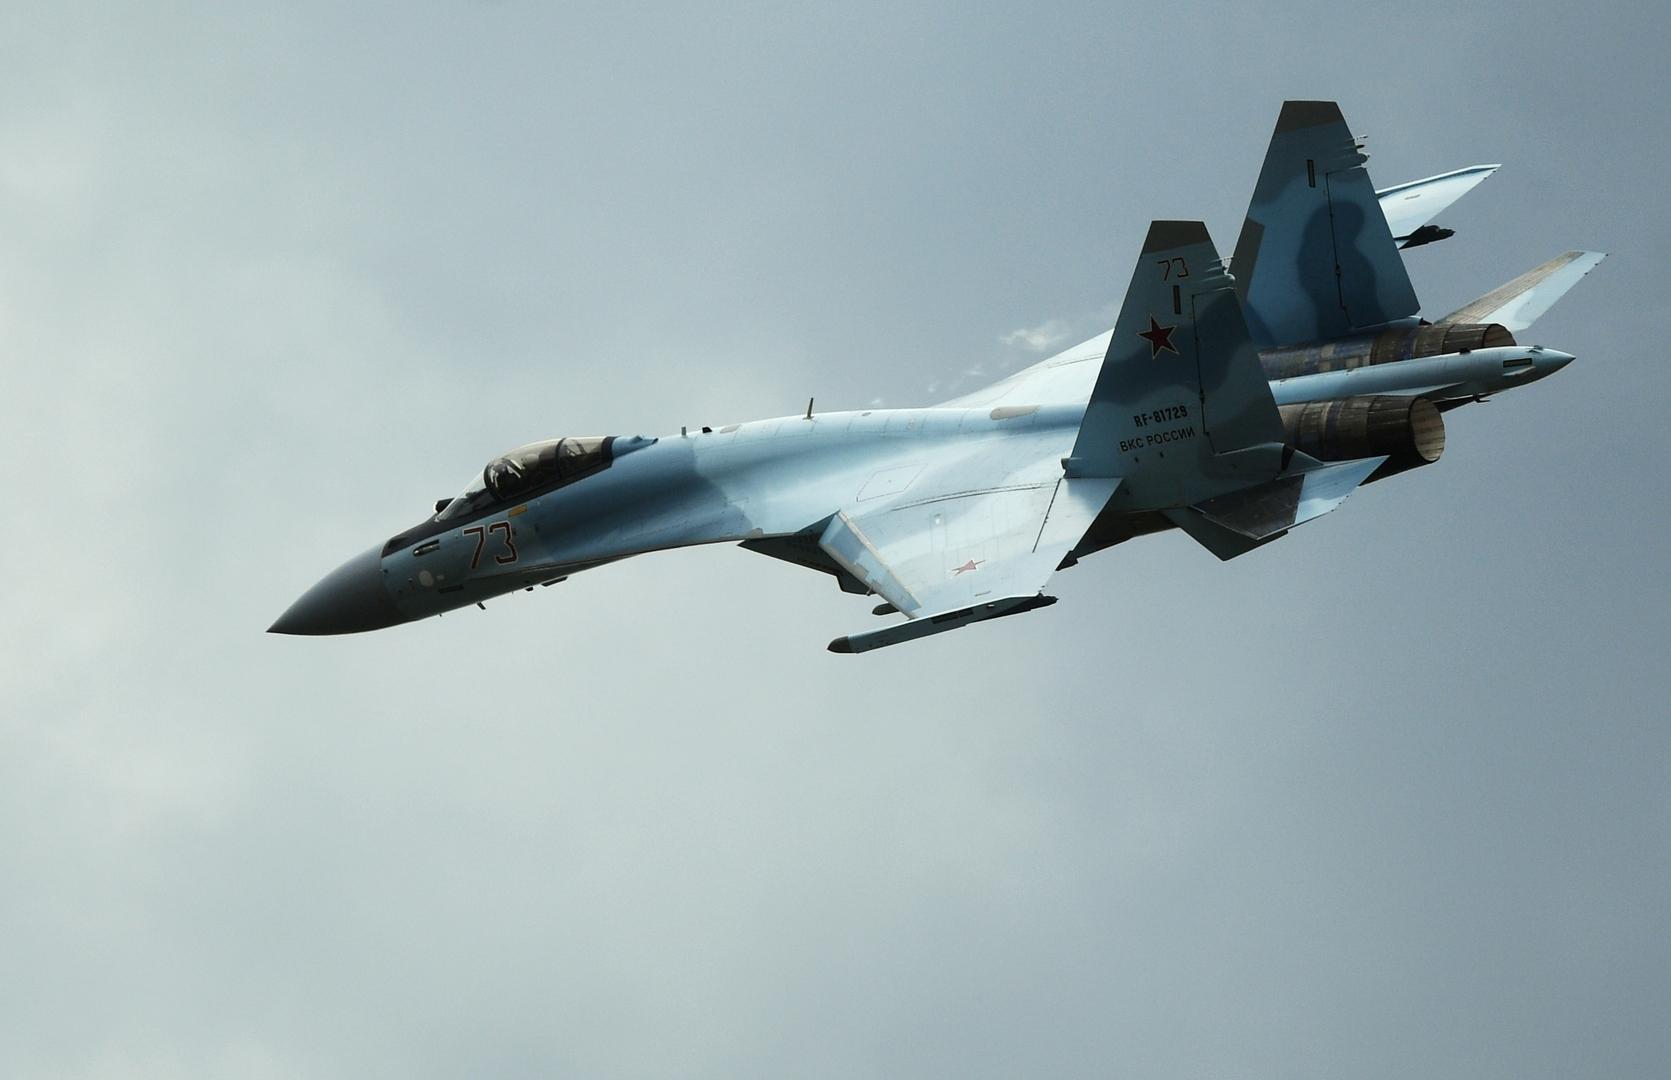 """""""ميليتري ووتش"""": ما مدى نجاح طائرة """"سو-35"""" الروسية؟ تقييم للمقاتلة بعد أول حادث تحطم لها"""